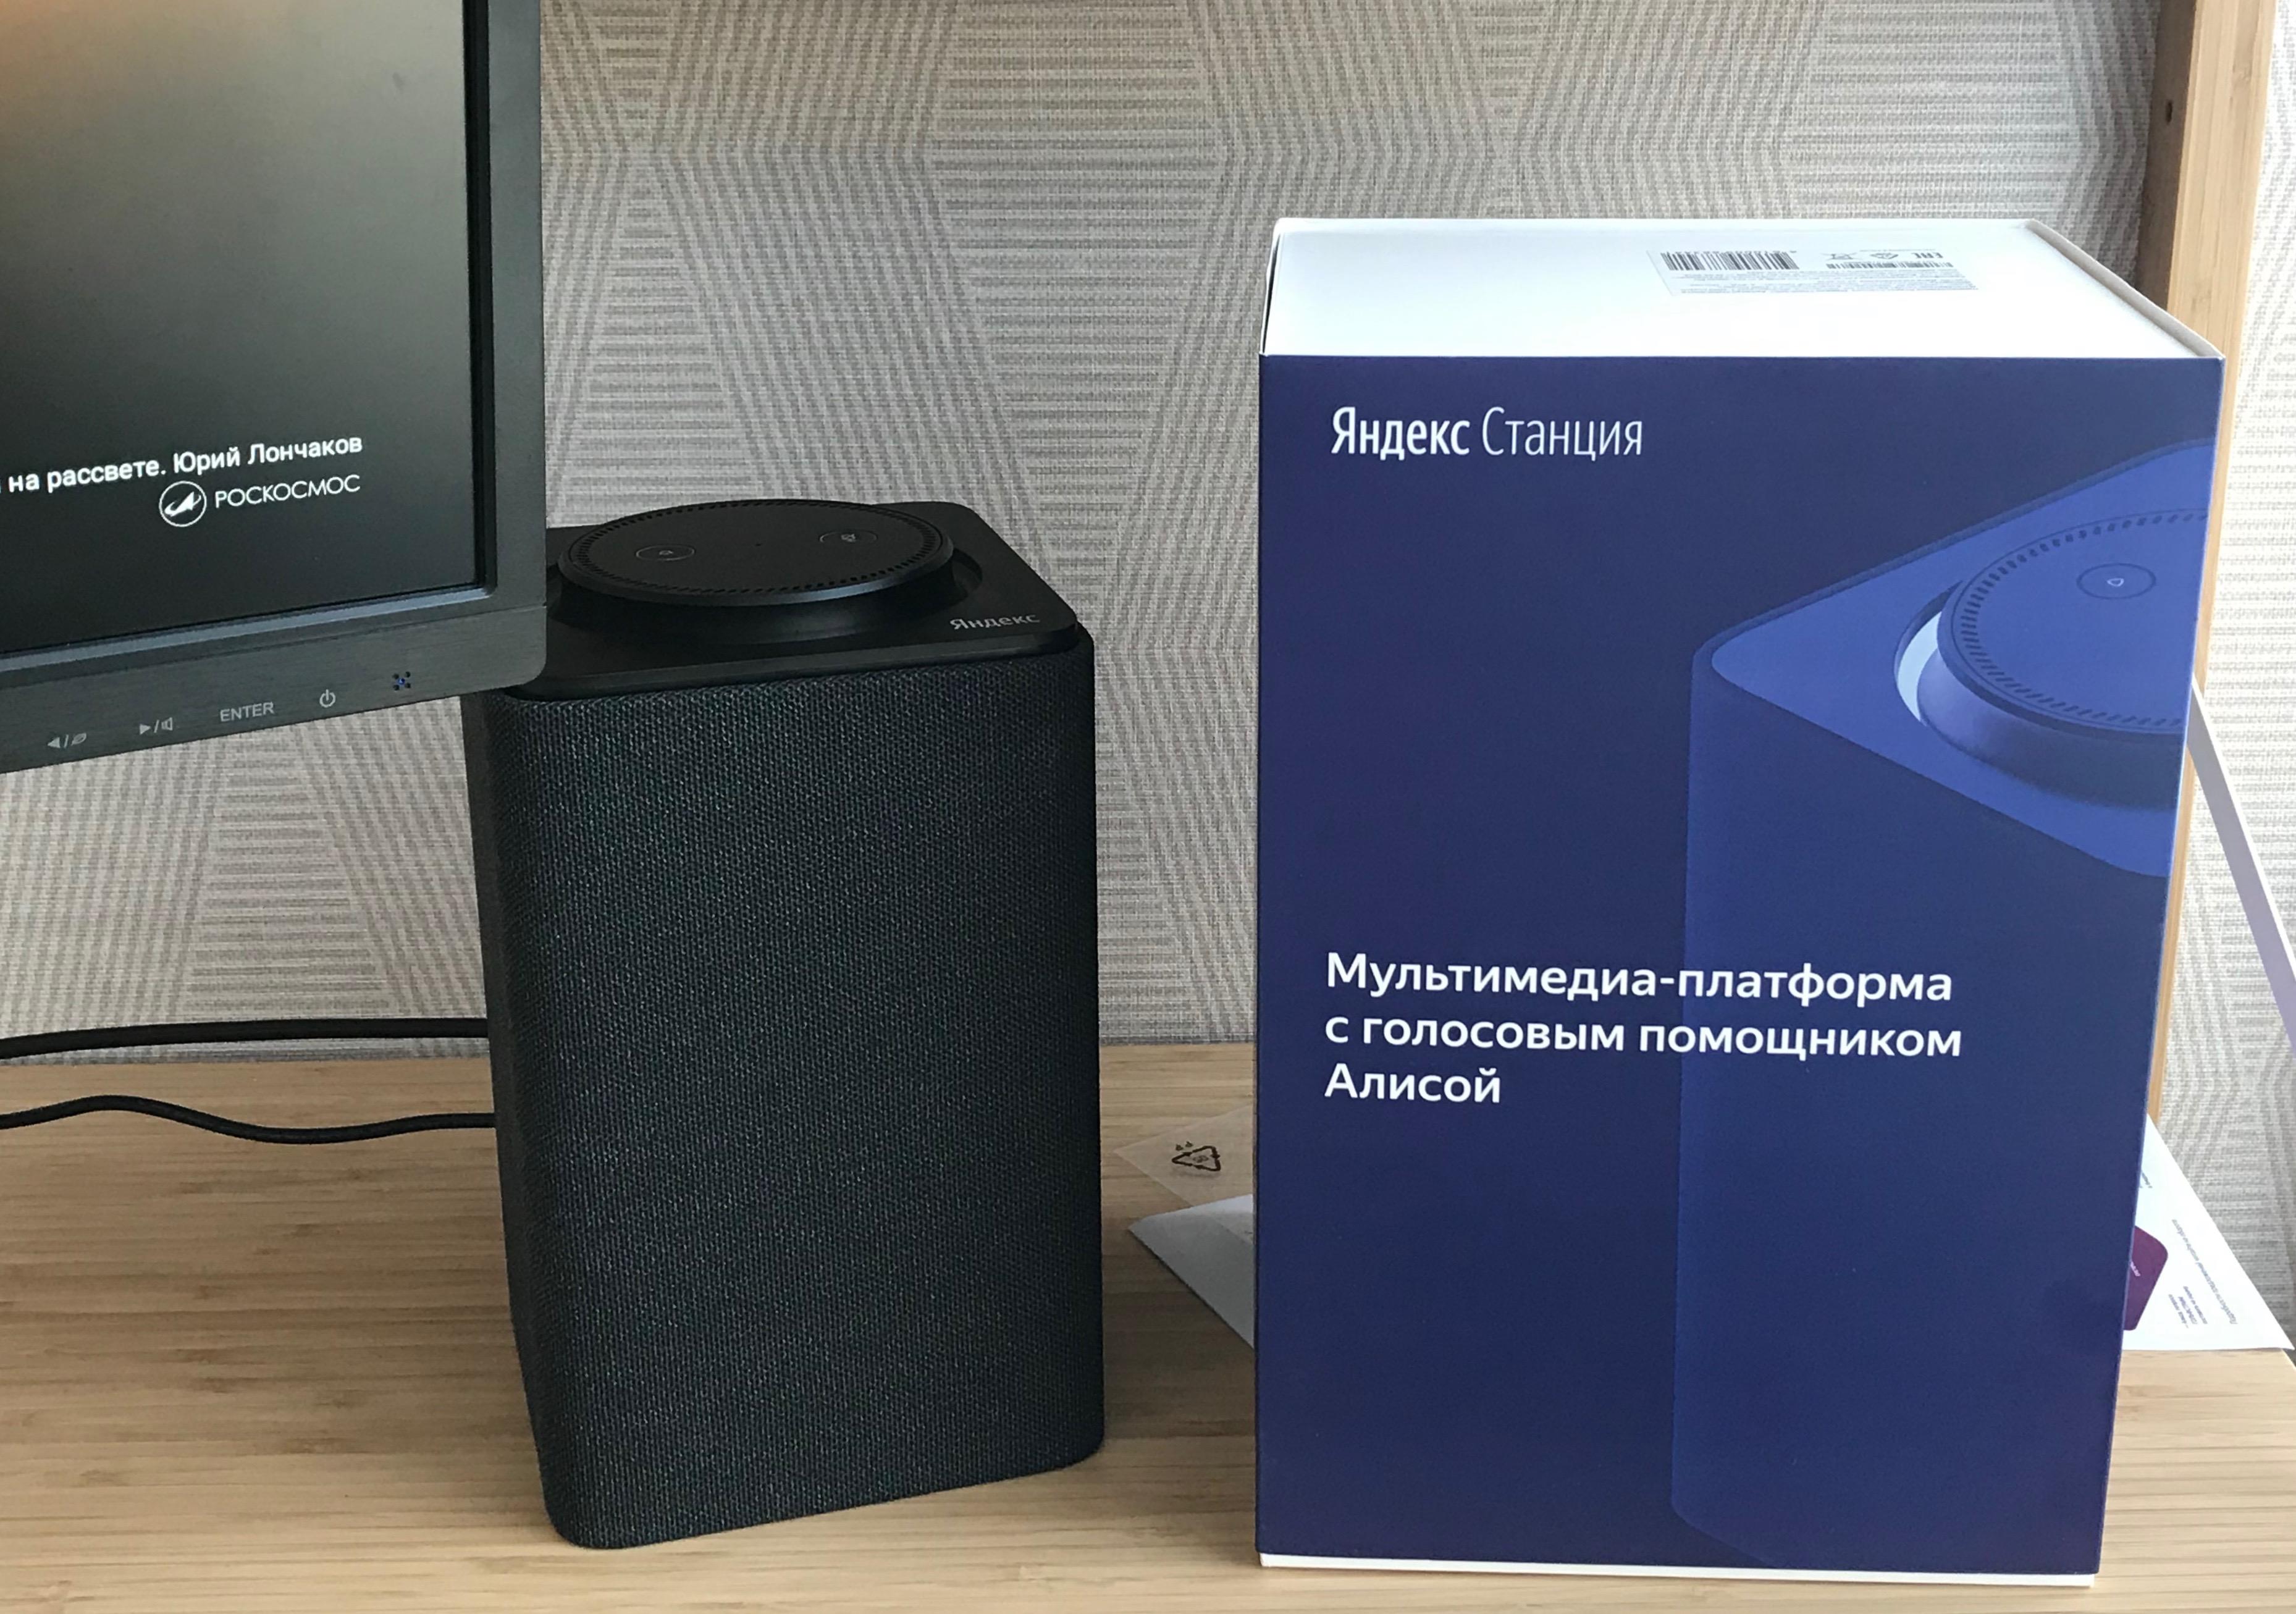 Яндекс станция умная колонка с помощником алиса